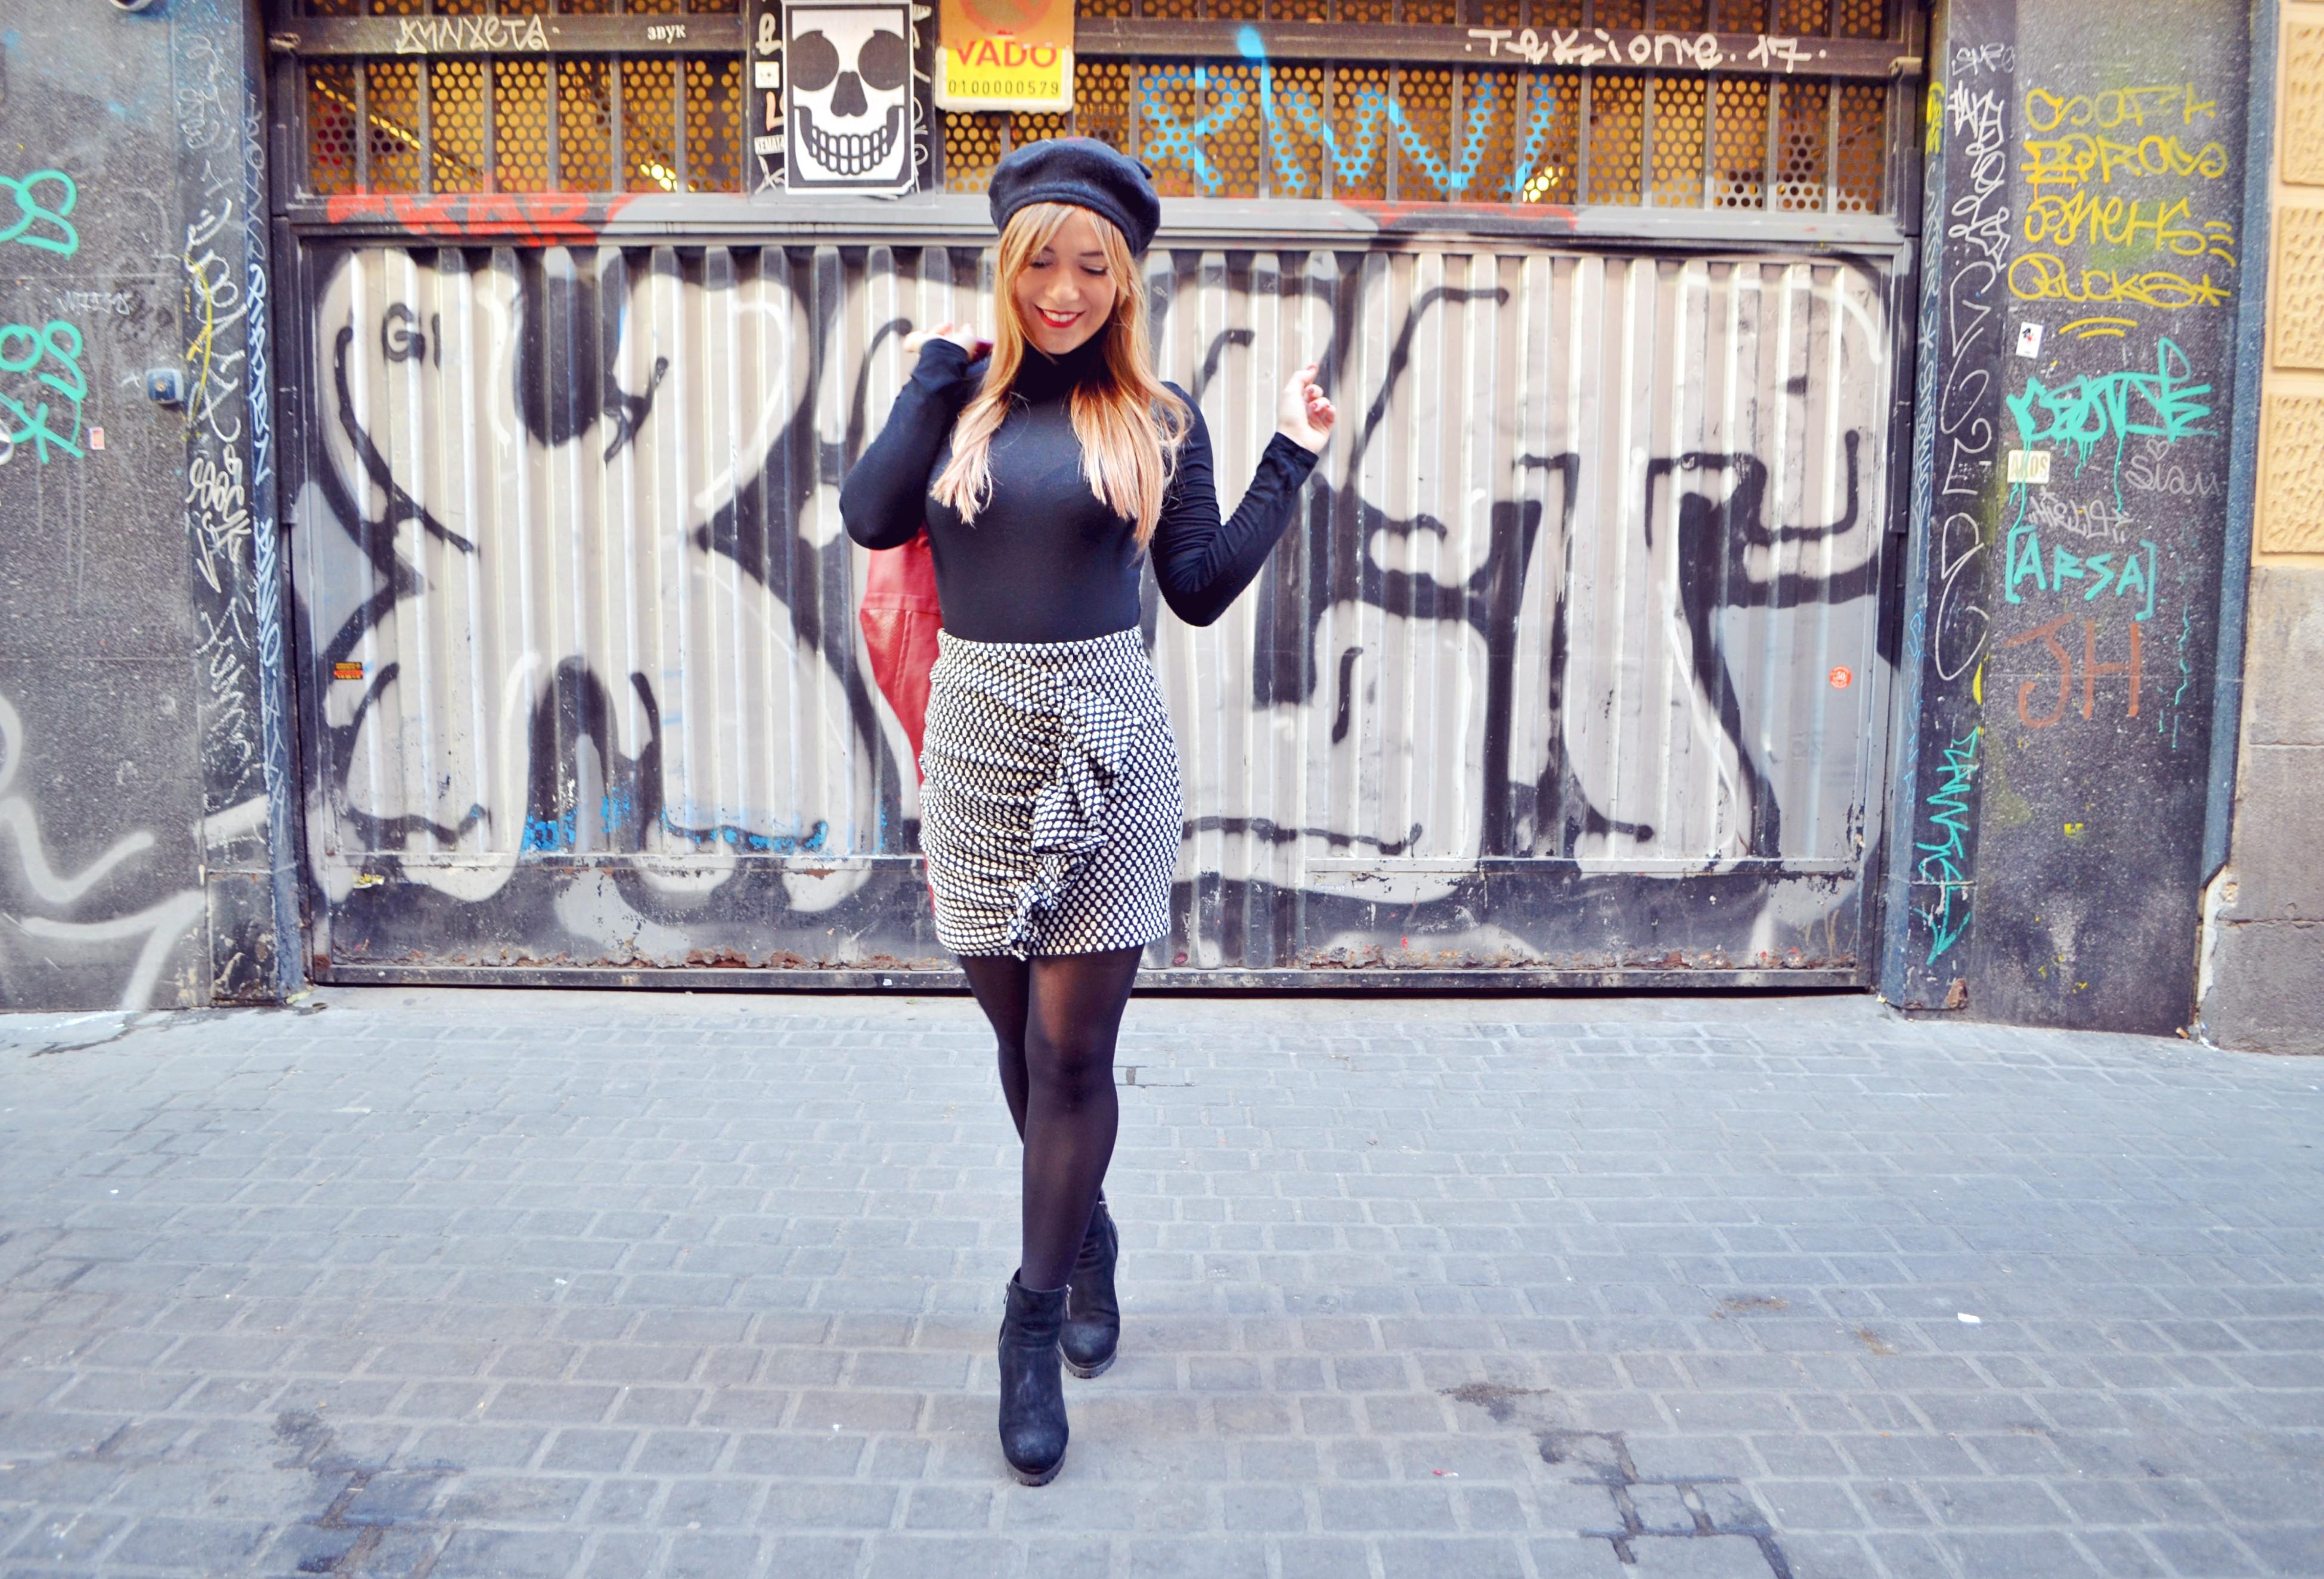 ChicAdicta-blog-de-moda-fashionista-Chic-Adicta-influencer-arggido-ropa-Madrid-look-con-boina-PiensaenChic-Piensa-en-Chic